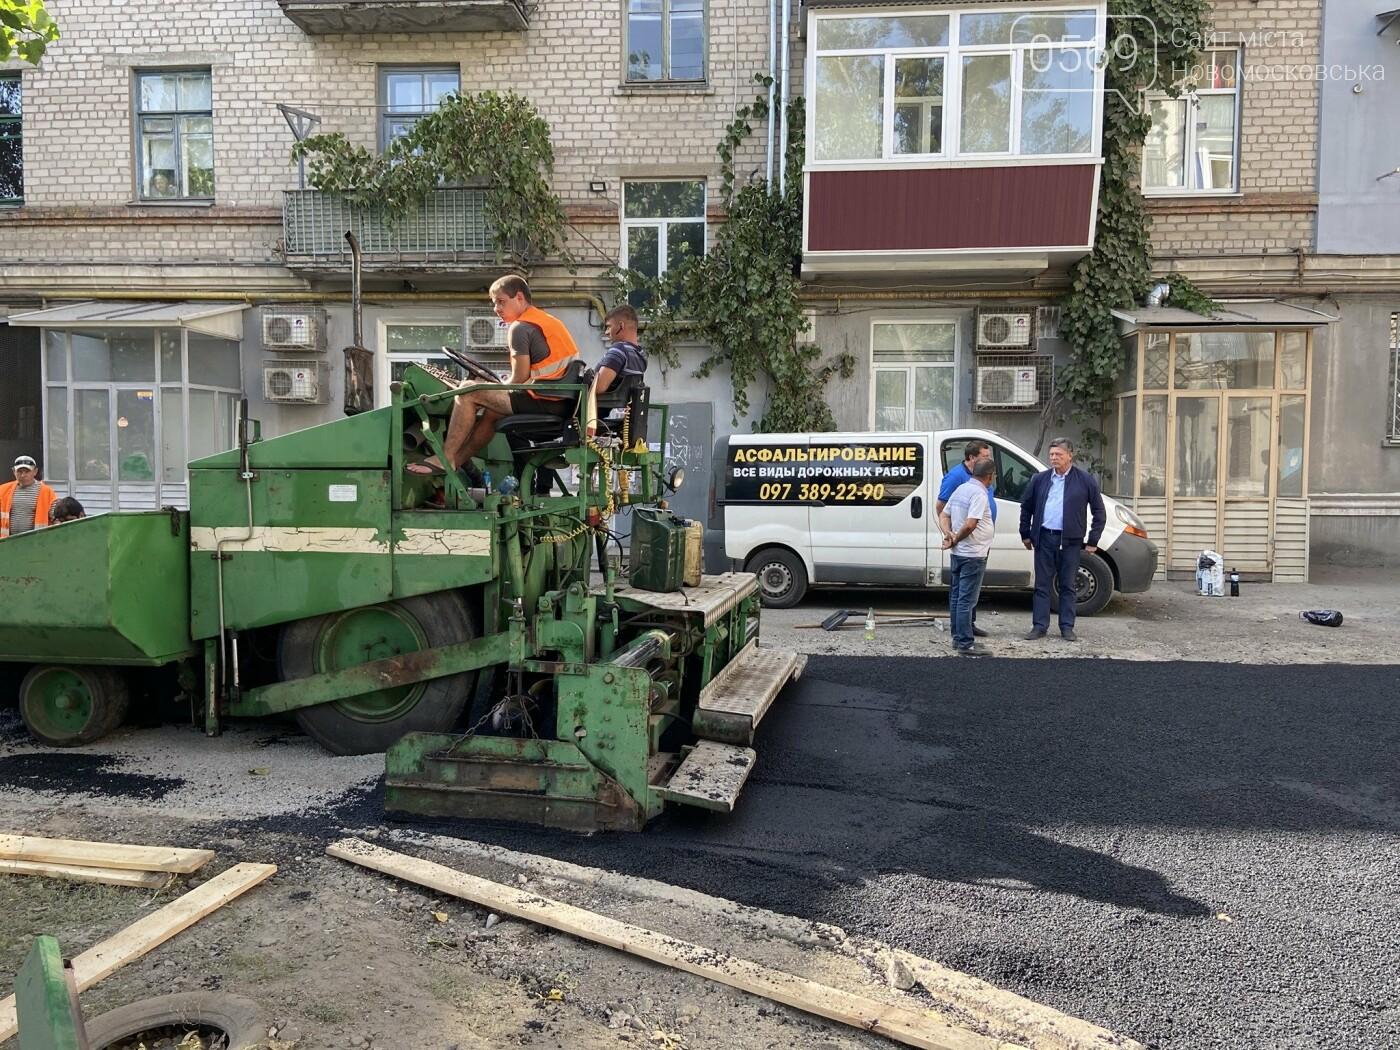 У Новомосковську розпочали поточний ремонт одного з дворових проїздів, фото-1